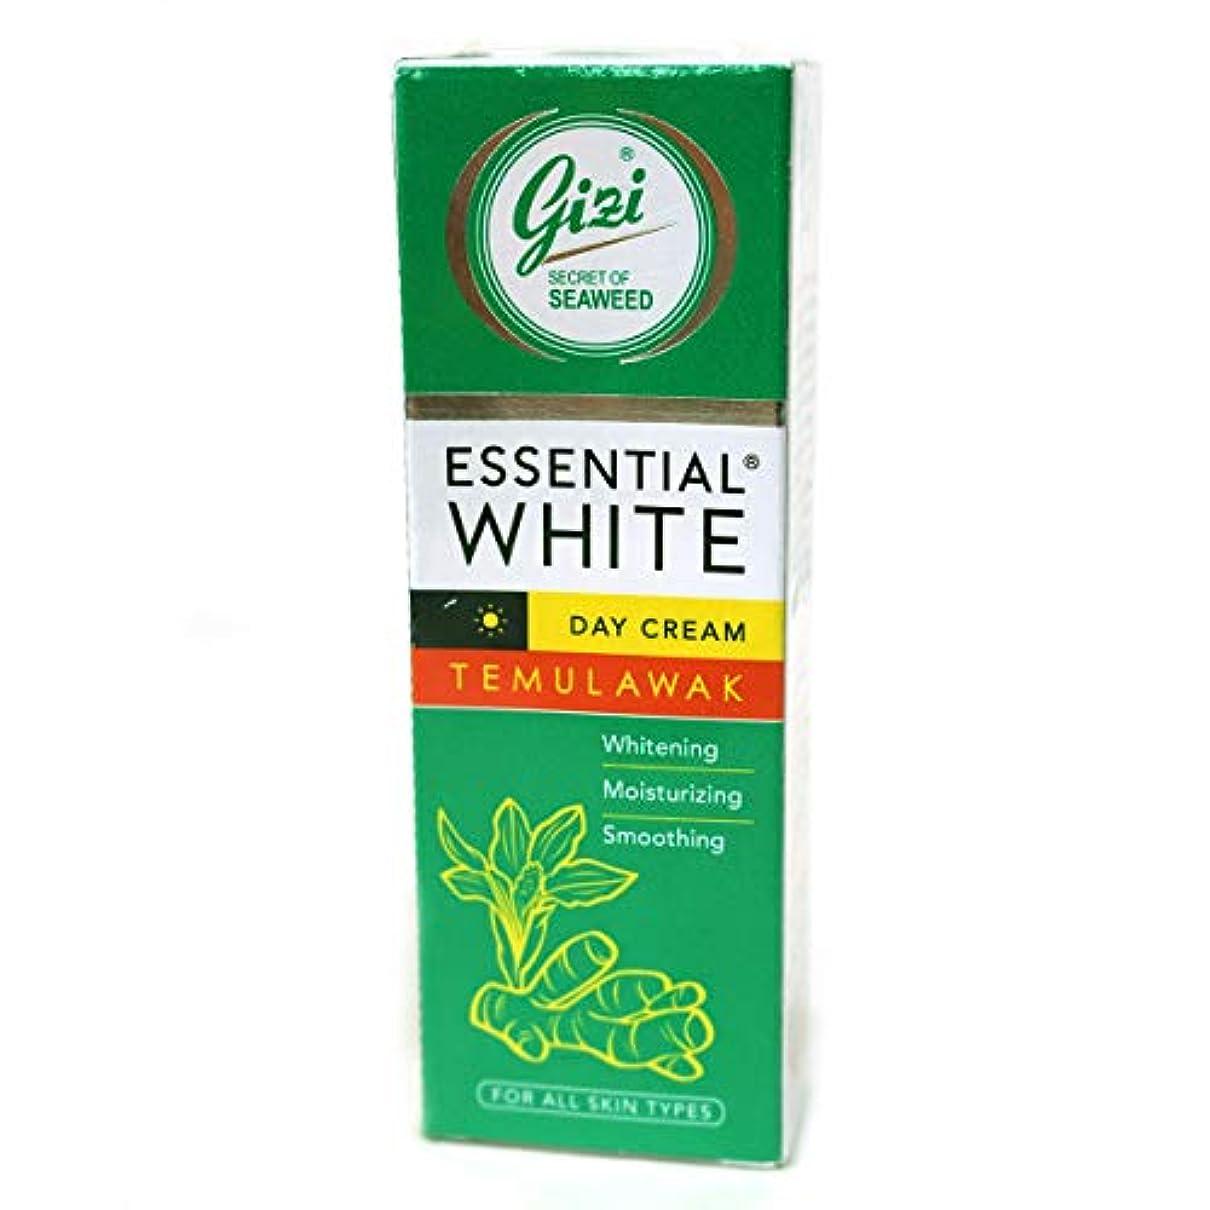 既婚学士トーンギジ gizi Essential White 日中用スキンケアクリーム チューブタイプ 18g テムラワク ウコン など天然成分配合 [海外直送品]